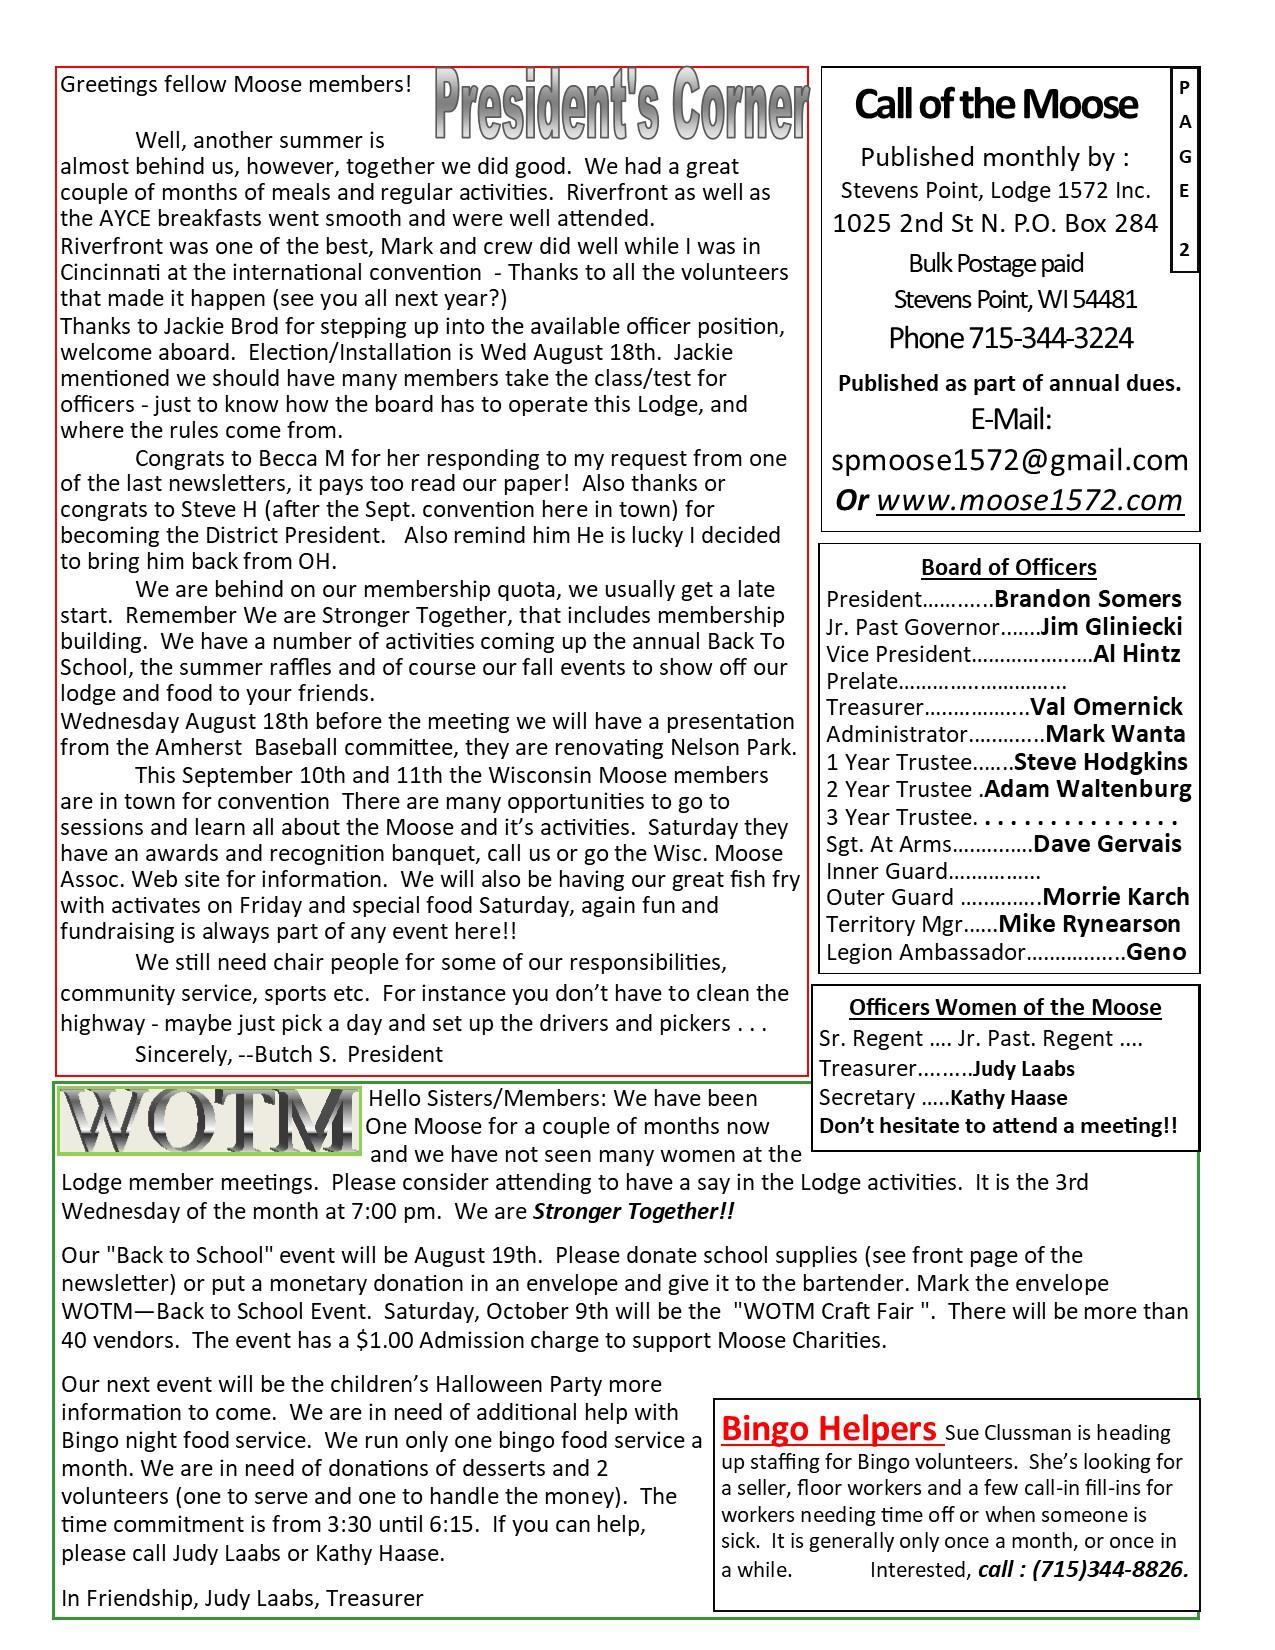 https://0201.nccdn.net/1_2/000/000/12b/f3b/newsletter-aug-sept-21-pg-2-jpeg.jpg